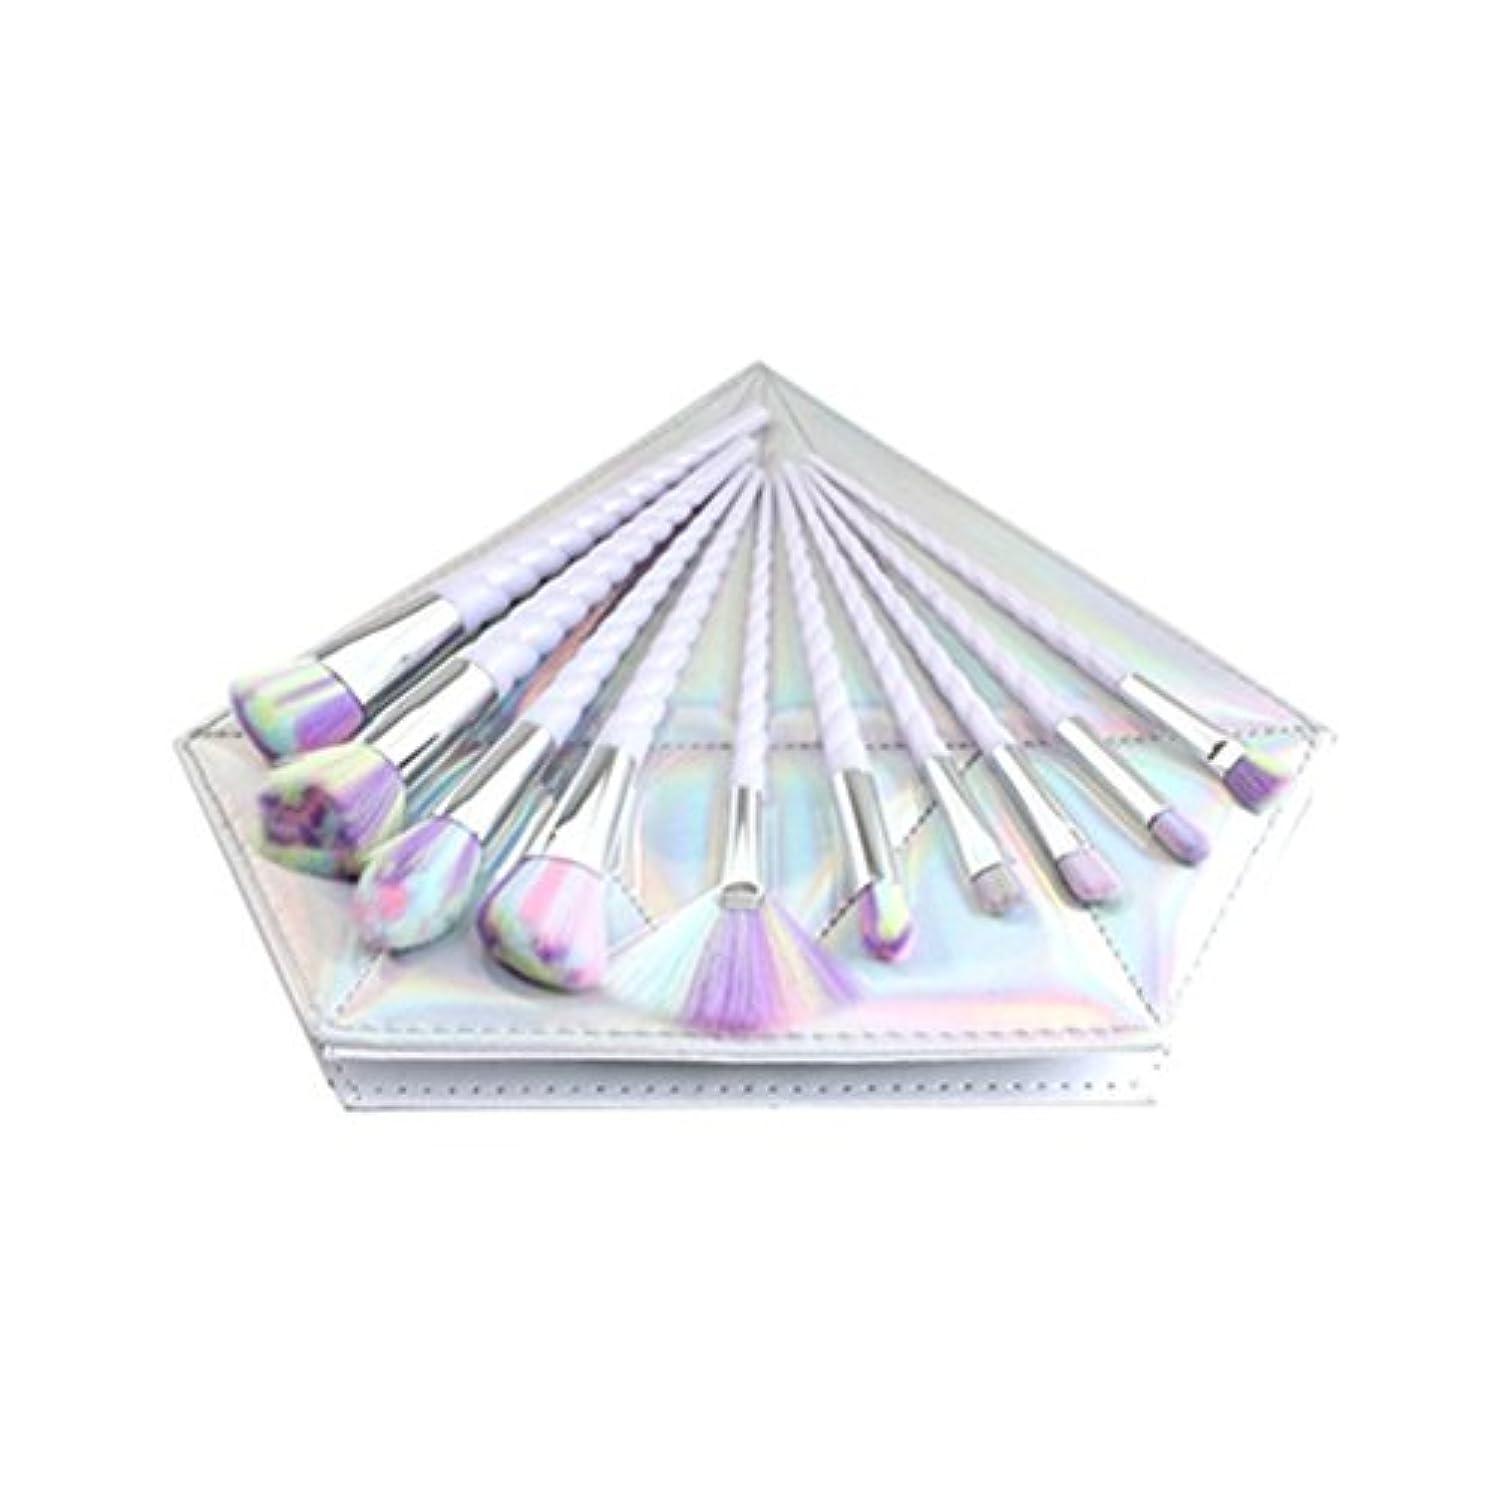 いつか接続コピーDilla Beauty 10本セットユニコーンデザインプラスチックハンドル形状メイクブラシセット合成毛ファンデーションブラシアイシャドーブラッシャー美容ツール美しい化粧品のバッグを送る (白いハンドル - 多色の毛)